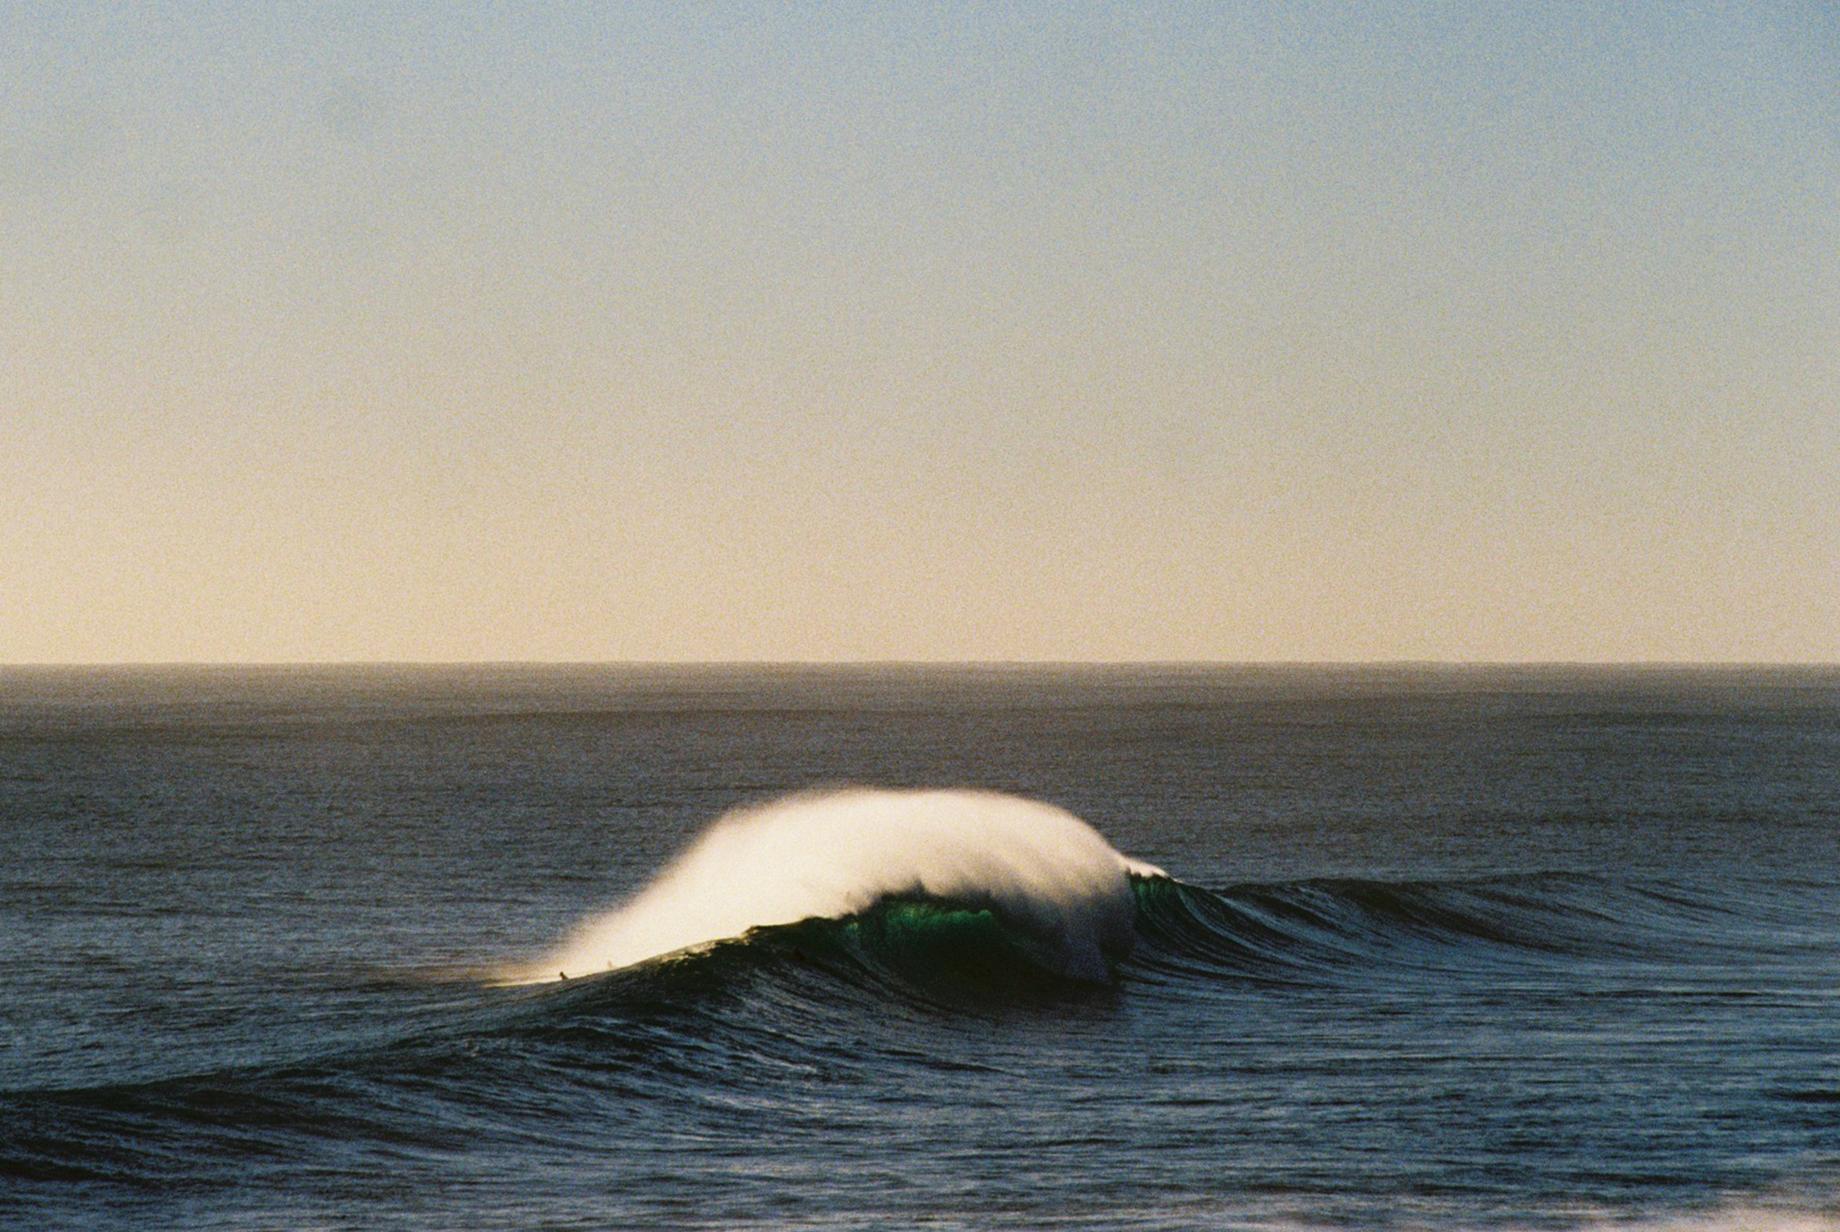 Salt Water Australia surf LG waves 2